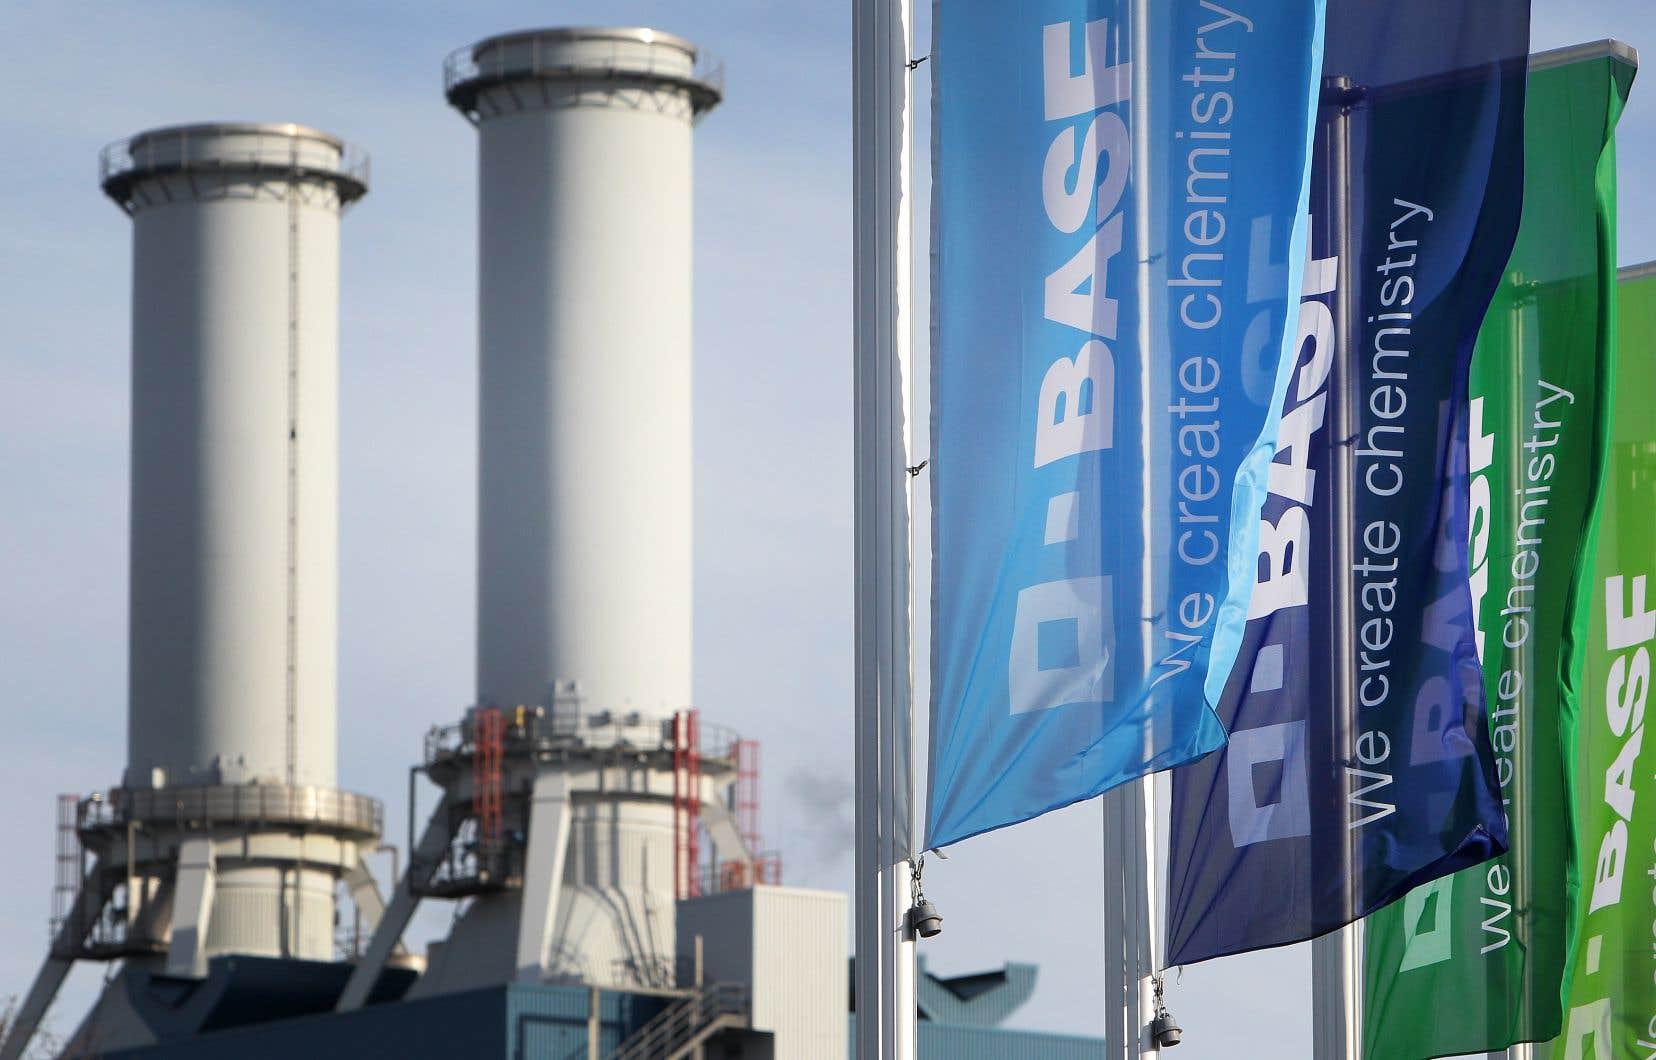 La Commission européenneouvre 39 enquêtes distinctes, qui concernent chaque fois la filiale d'un grand groupe en Belgique, comme BASF (photo), BP ou British American Tobacco.